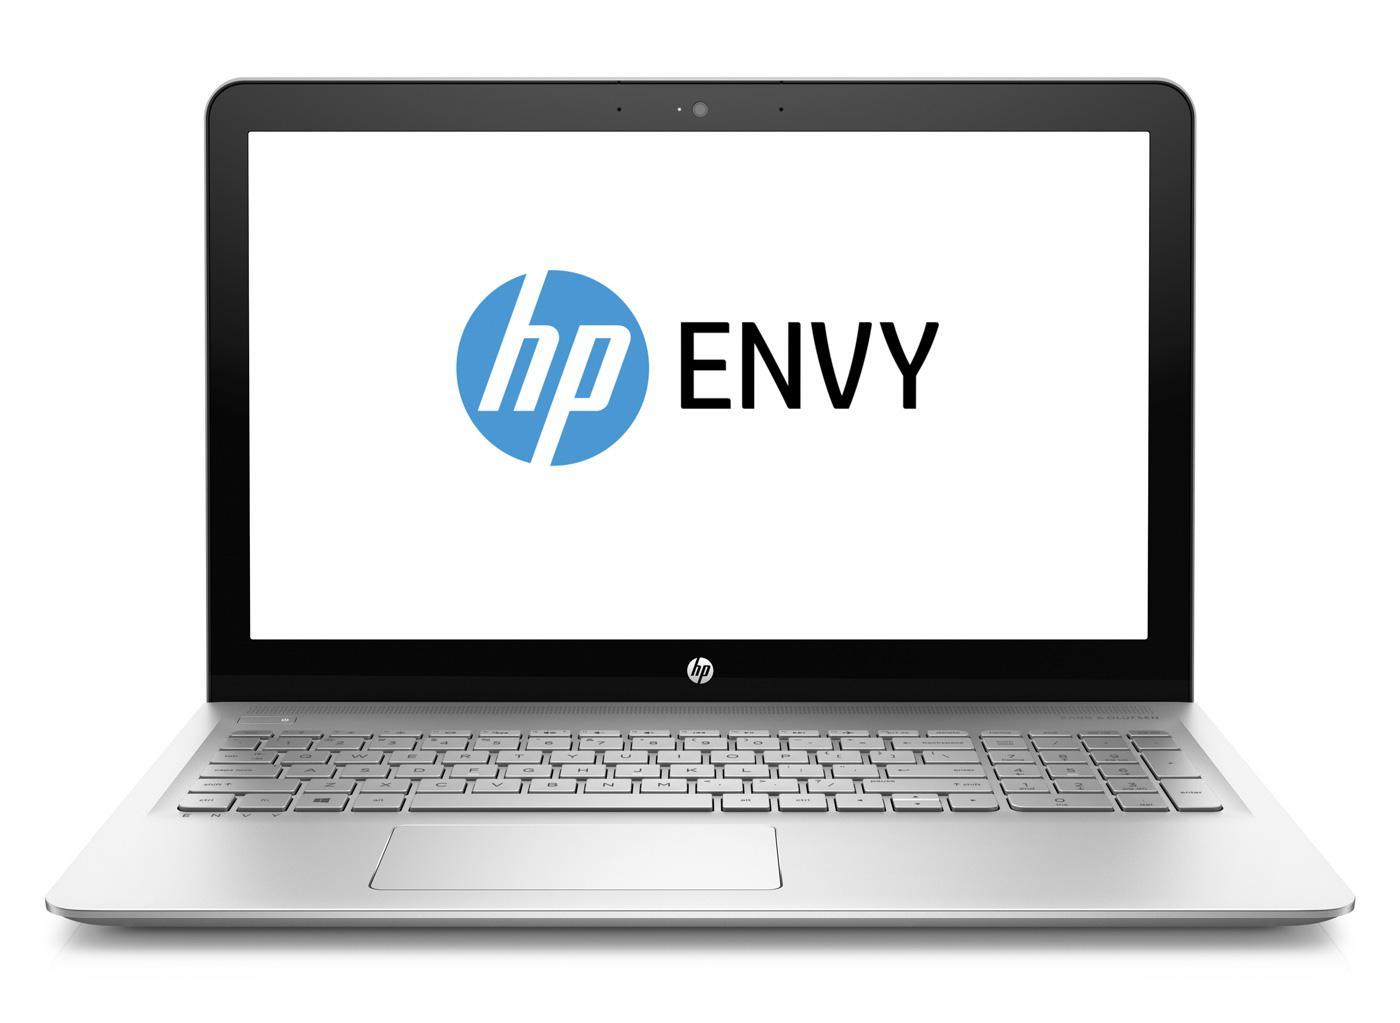 Image du PC portable HP Envy 15-as106nf SSD Argent